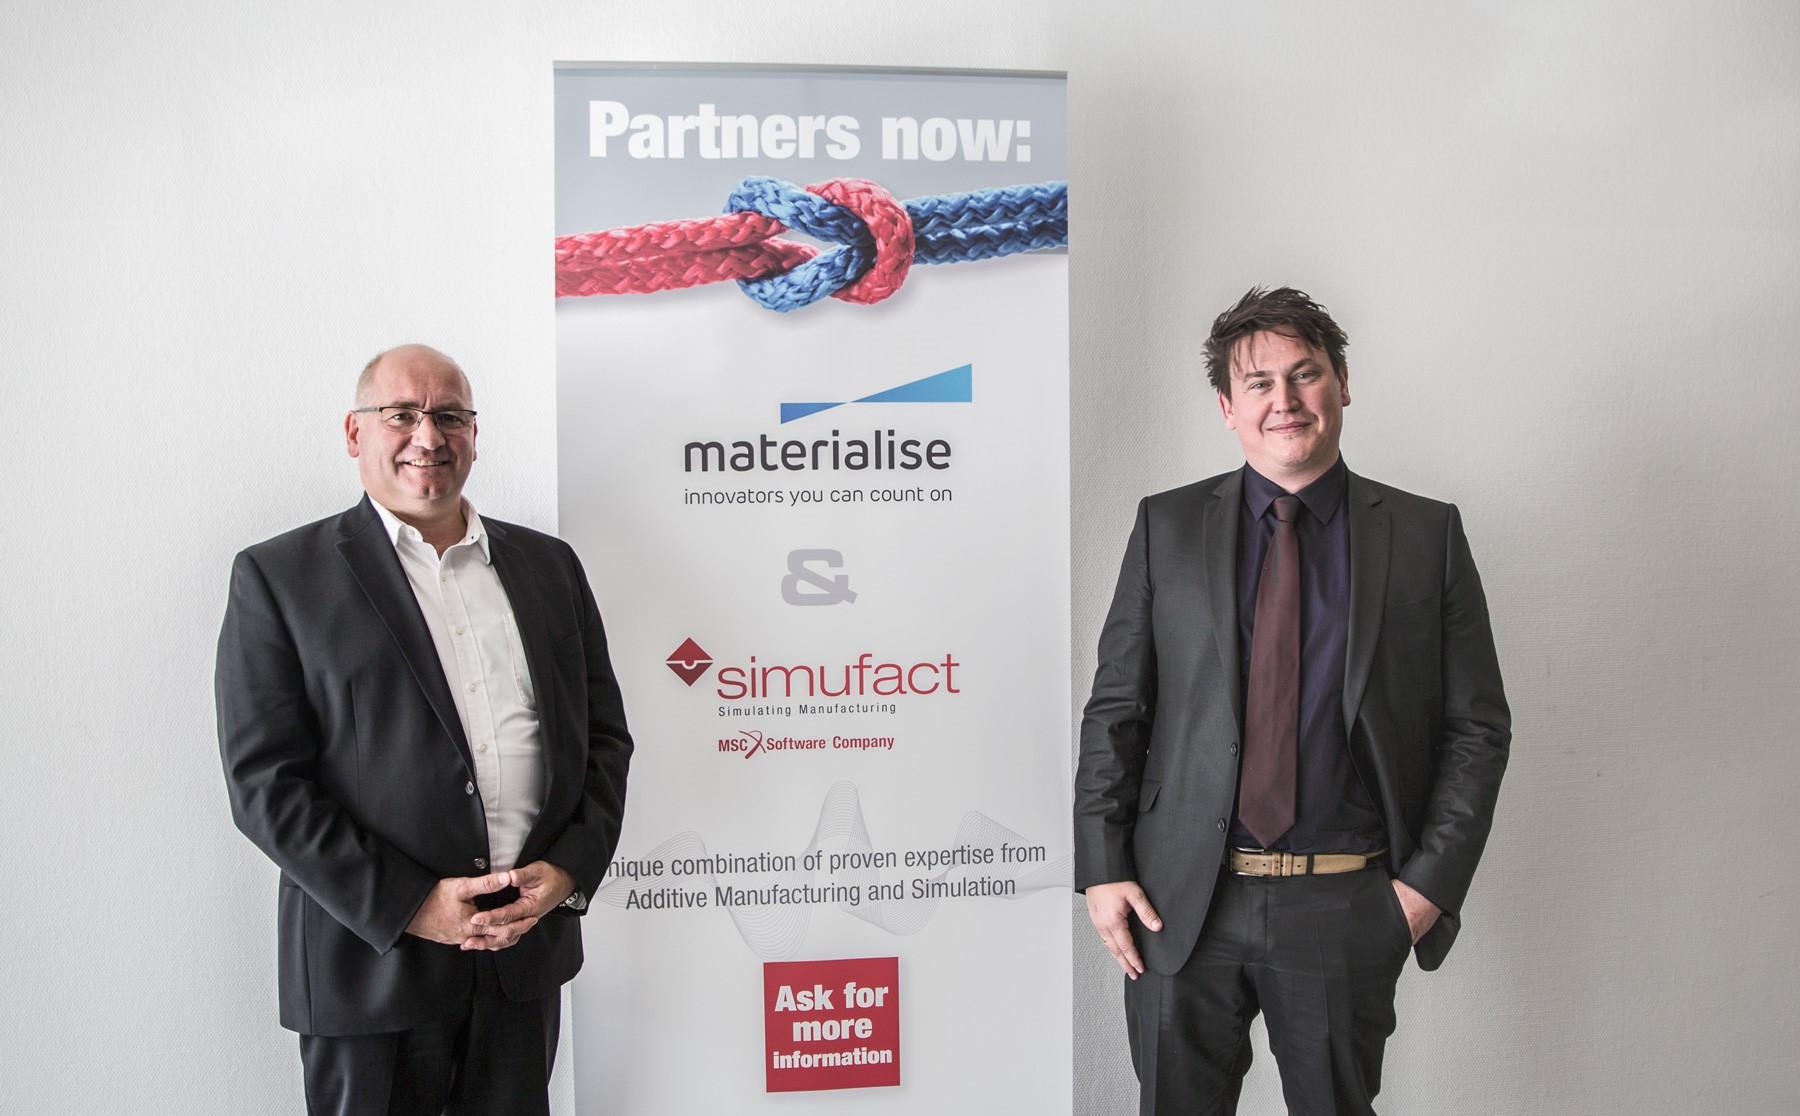 Unsere Netzwerk-Mitglieder Simufact und Materialise starten Kooperation zur Integration von Simulation im 3D-Metalldruck